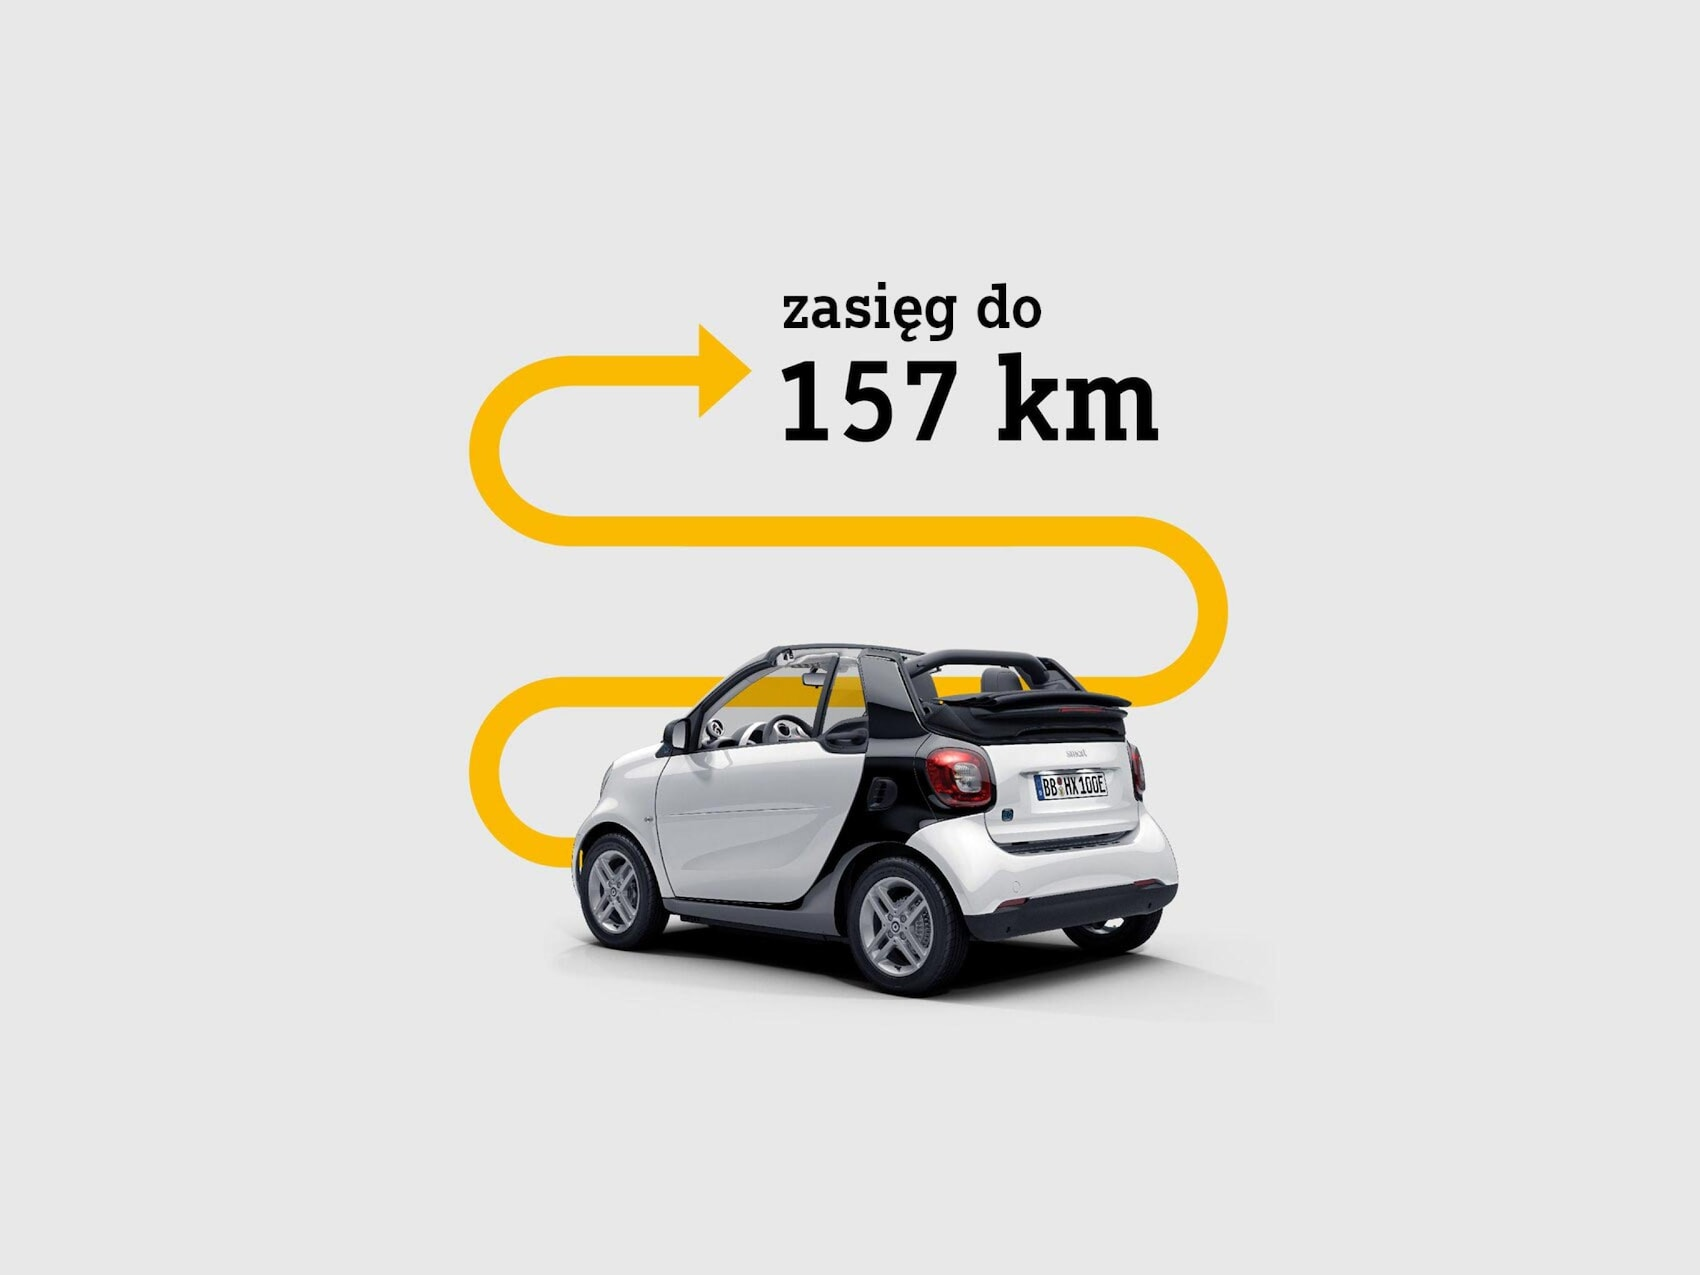 smart EQ fortwo cabrio nad którym strzałka wskazuje zasięg 157 km.